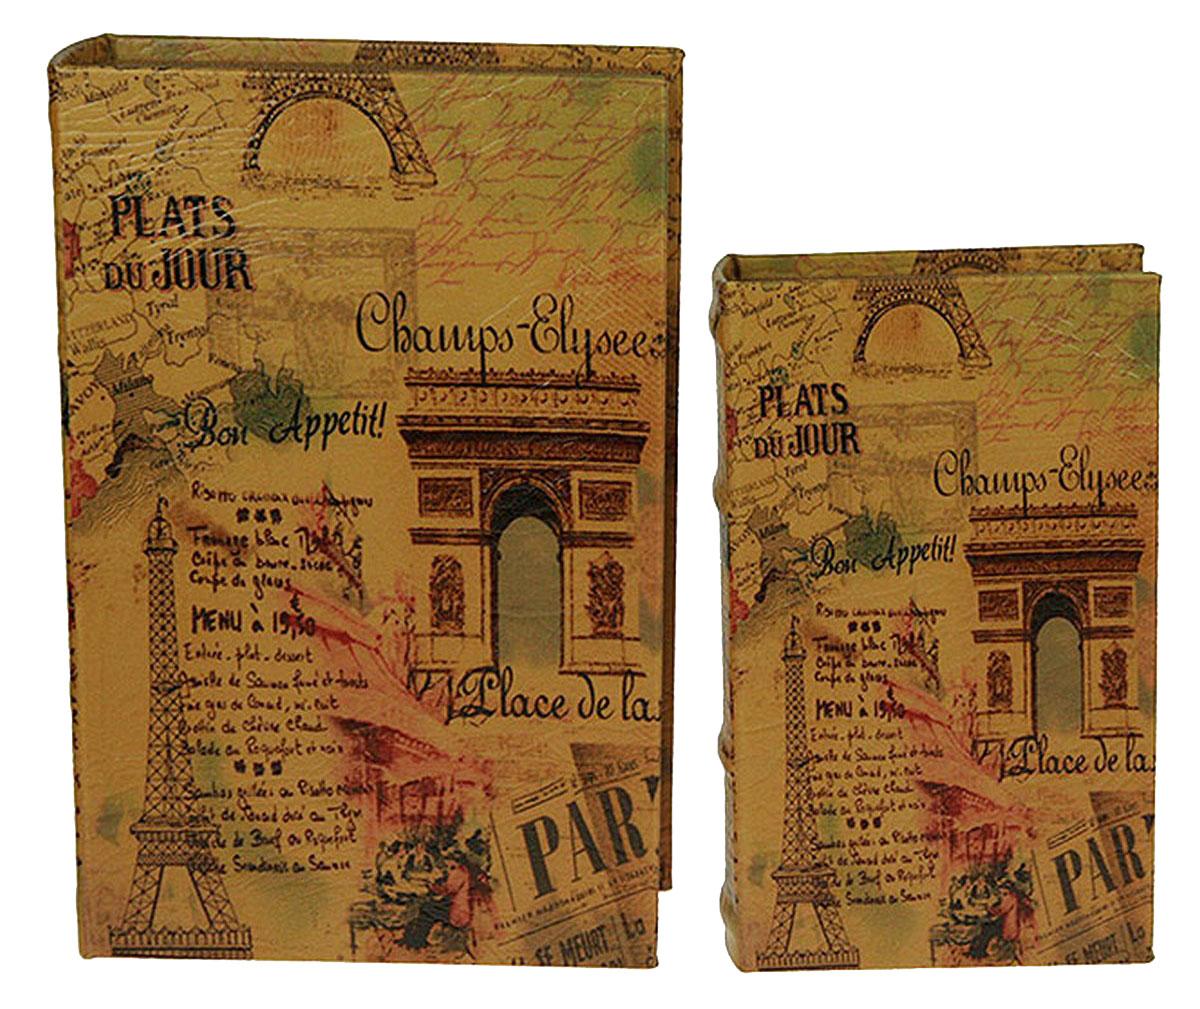 Набор шкатулок-фолиантов Win Max Франция, 2 шт, 27 х 18 х 7 см. 184241RG-D31SНабор Win Max состоит из 2 шкатулок-фолиантов. Шкатулка-фолиант выполнена в виде книги. Оригинальное оформление шкатулки, несомненно, привлечет к себе внимание.Поверхность шкатулки-фолианта выполнена из МДФ, обтянутого искусственной кожей. Внутри шкатулка отделана под дерево. Закрывается шкатулка на замок-магнит.Такая шкатулка может использоваться для хранения бижутерии, в качестве украшения интерьера, а также послужит хорошим подарком для человека, ценящего практичные и оригинальные вещи.